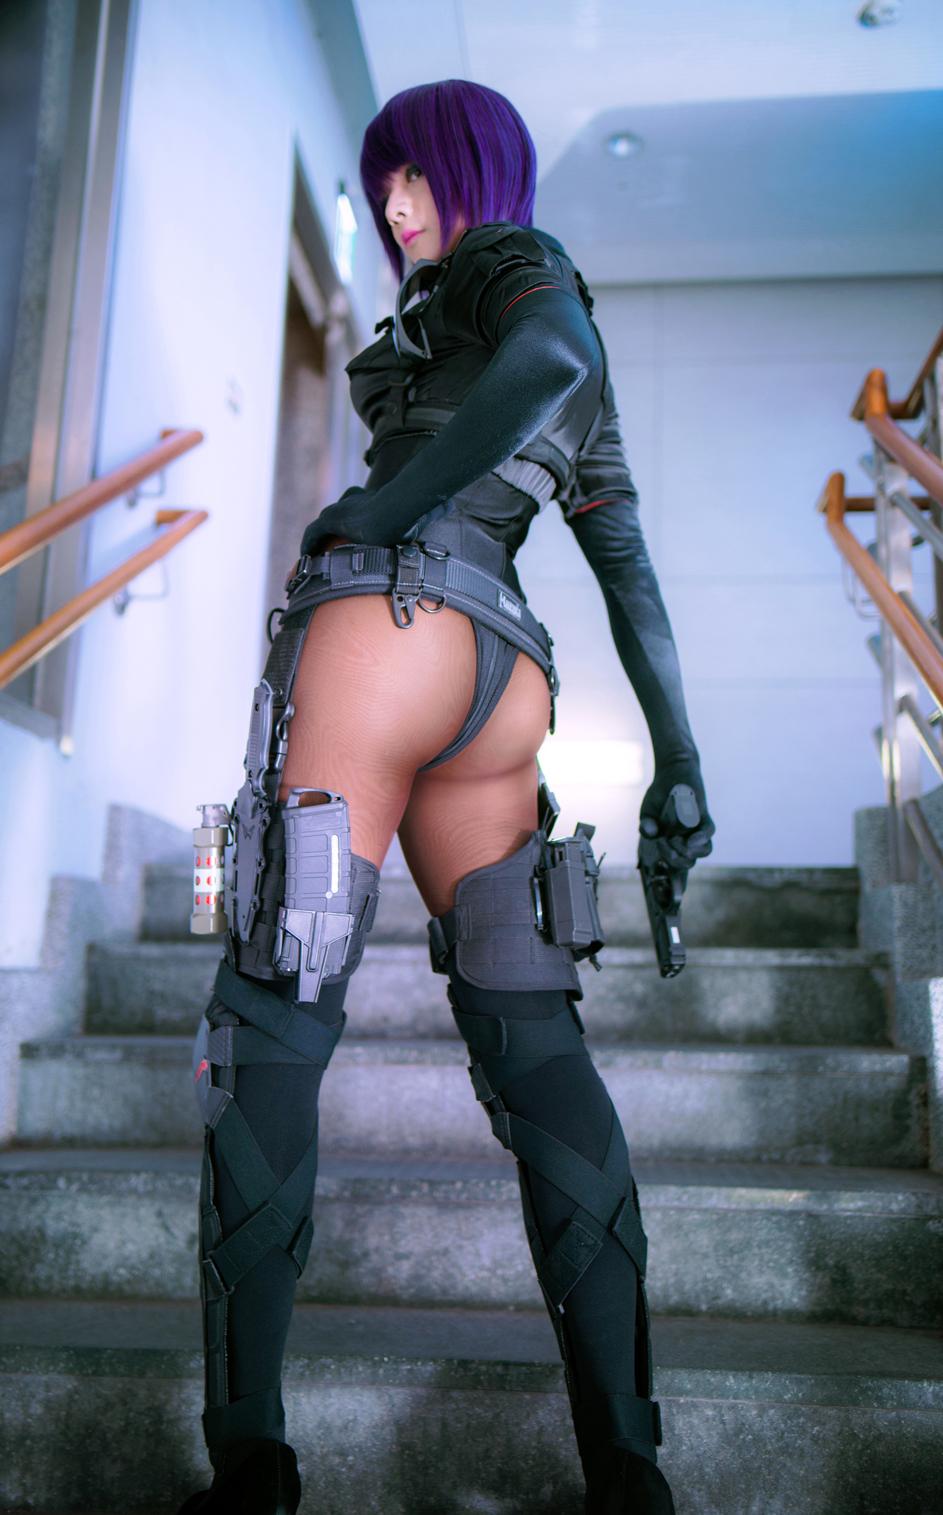 アニメ『攻殻機動隊』シリーズより、女性型サイボーグ「草薙素子」のコスプレ特集! 圧倒的強さを持つクールビューティーな彼女に扮するコスプレイヤーさんたちの写真をお届け!